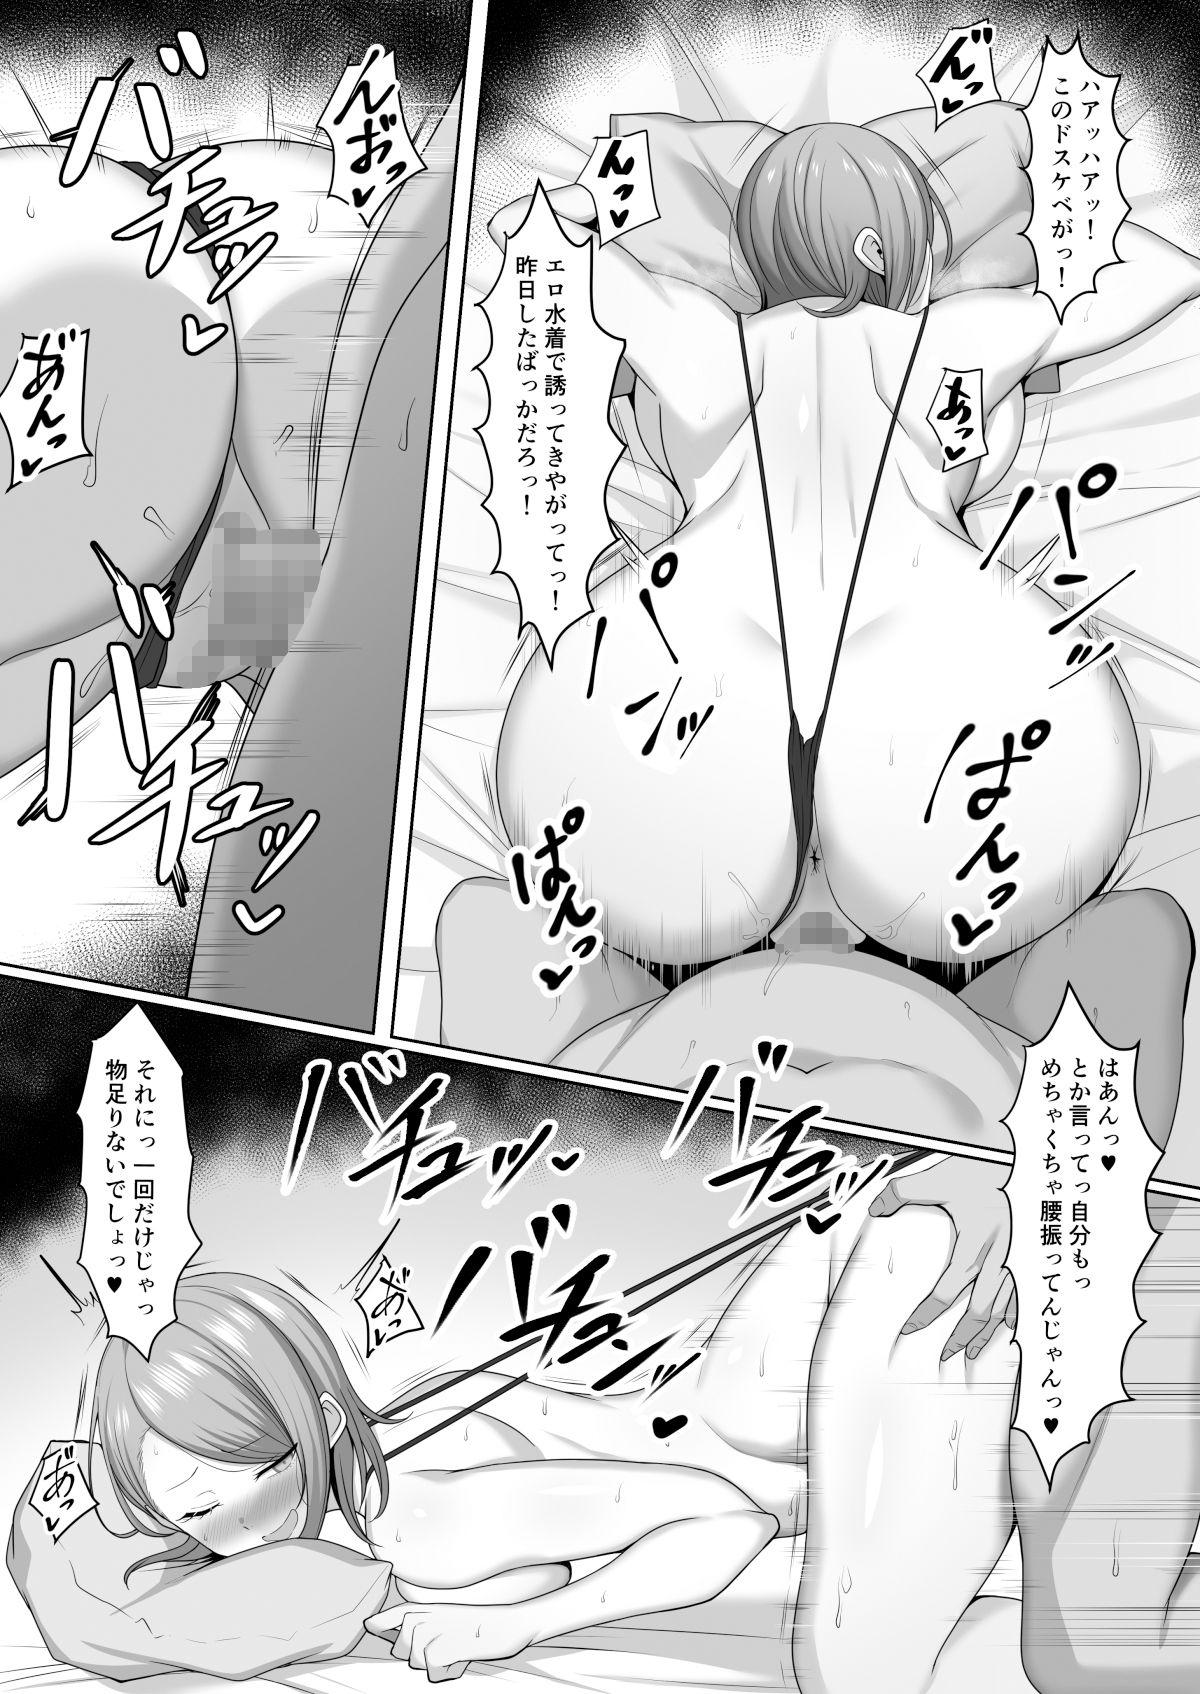 【エロ漫画無料大全集】欲求不満のエロ義姉がスケベな水着で義弟を誘ってる!!!